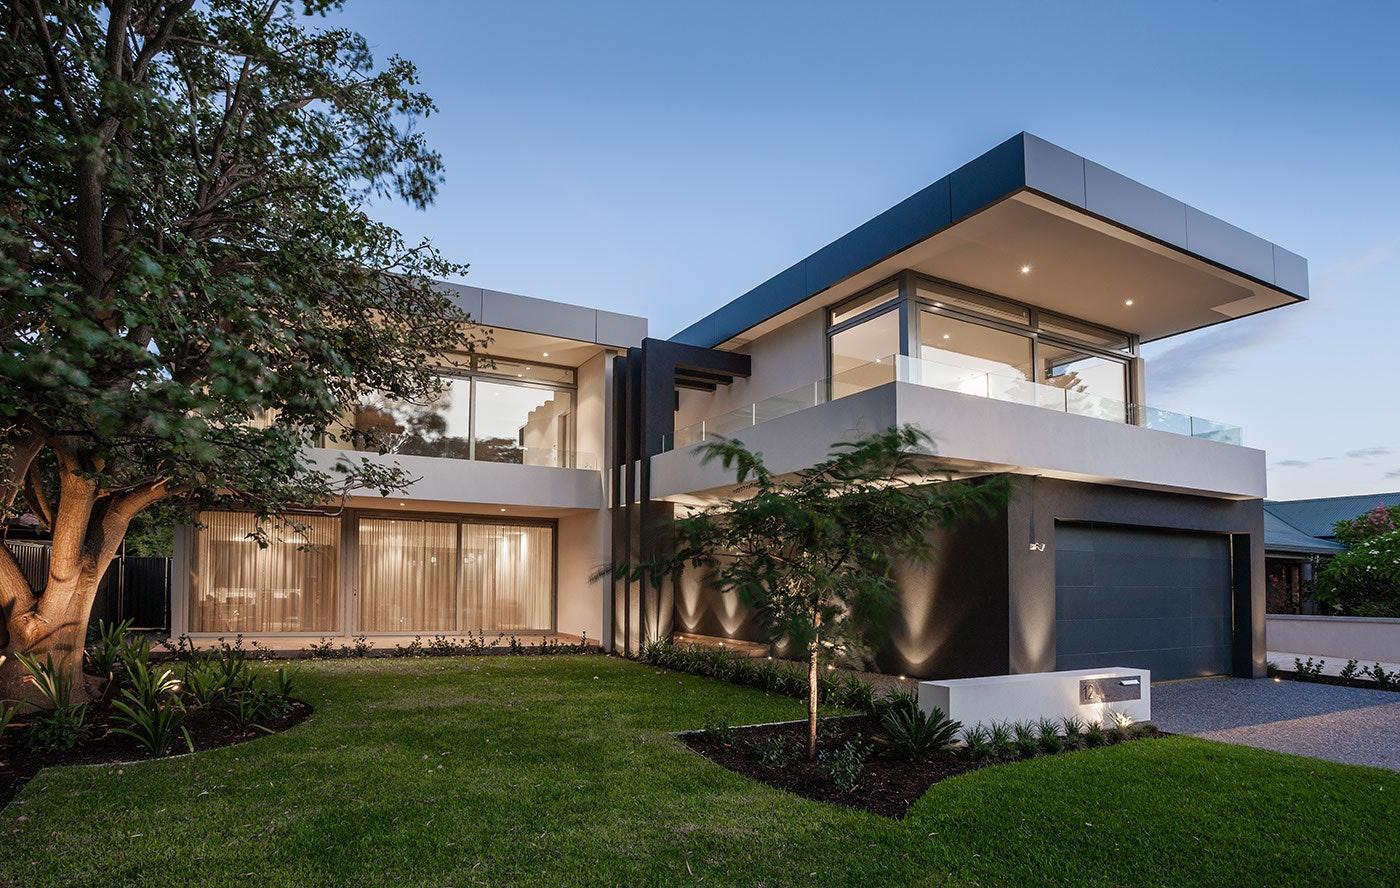 Hmbc maison villa brasilia hmbcluxe de maisons de luxe for Maison moderne hmbc